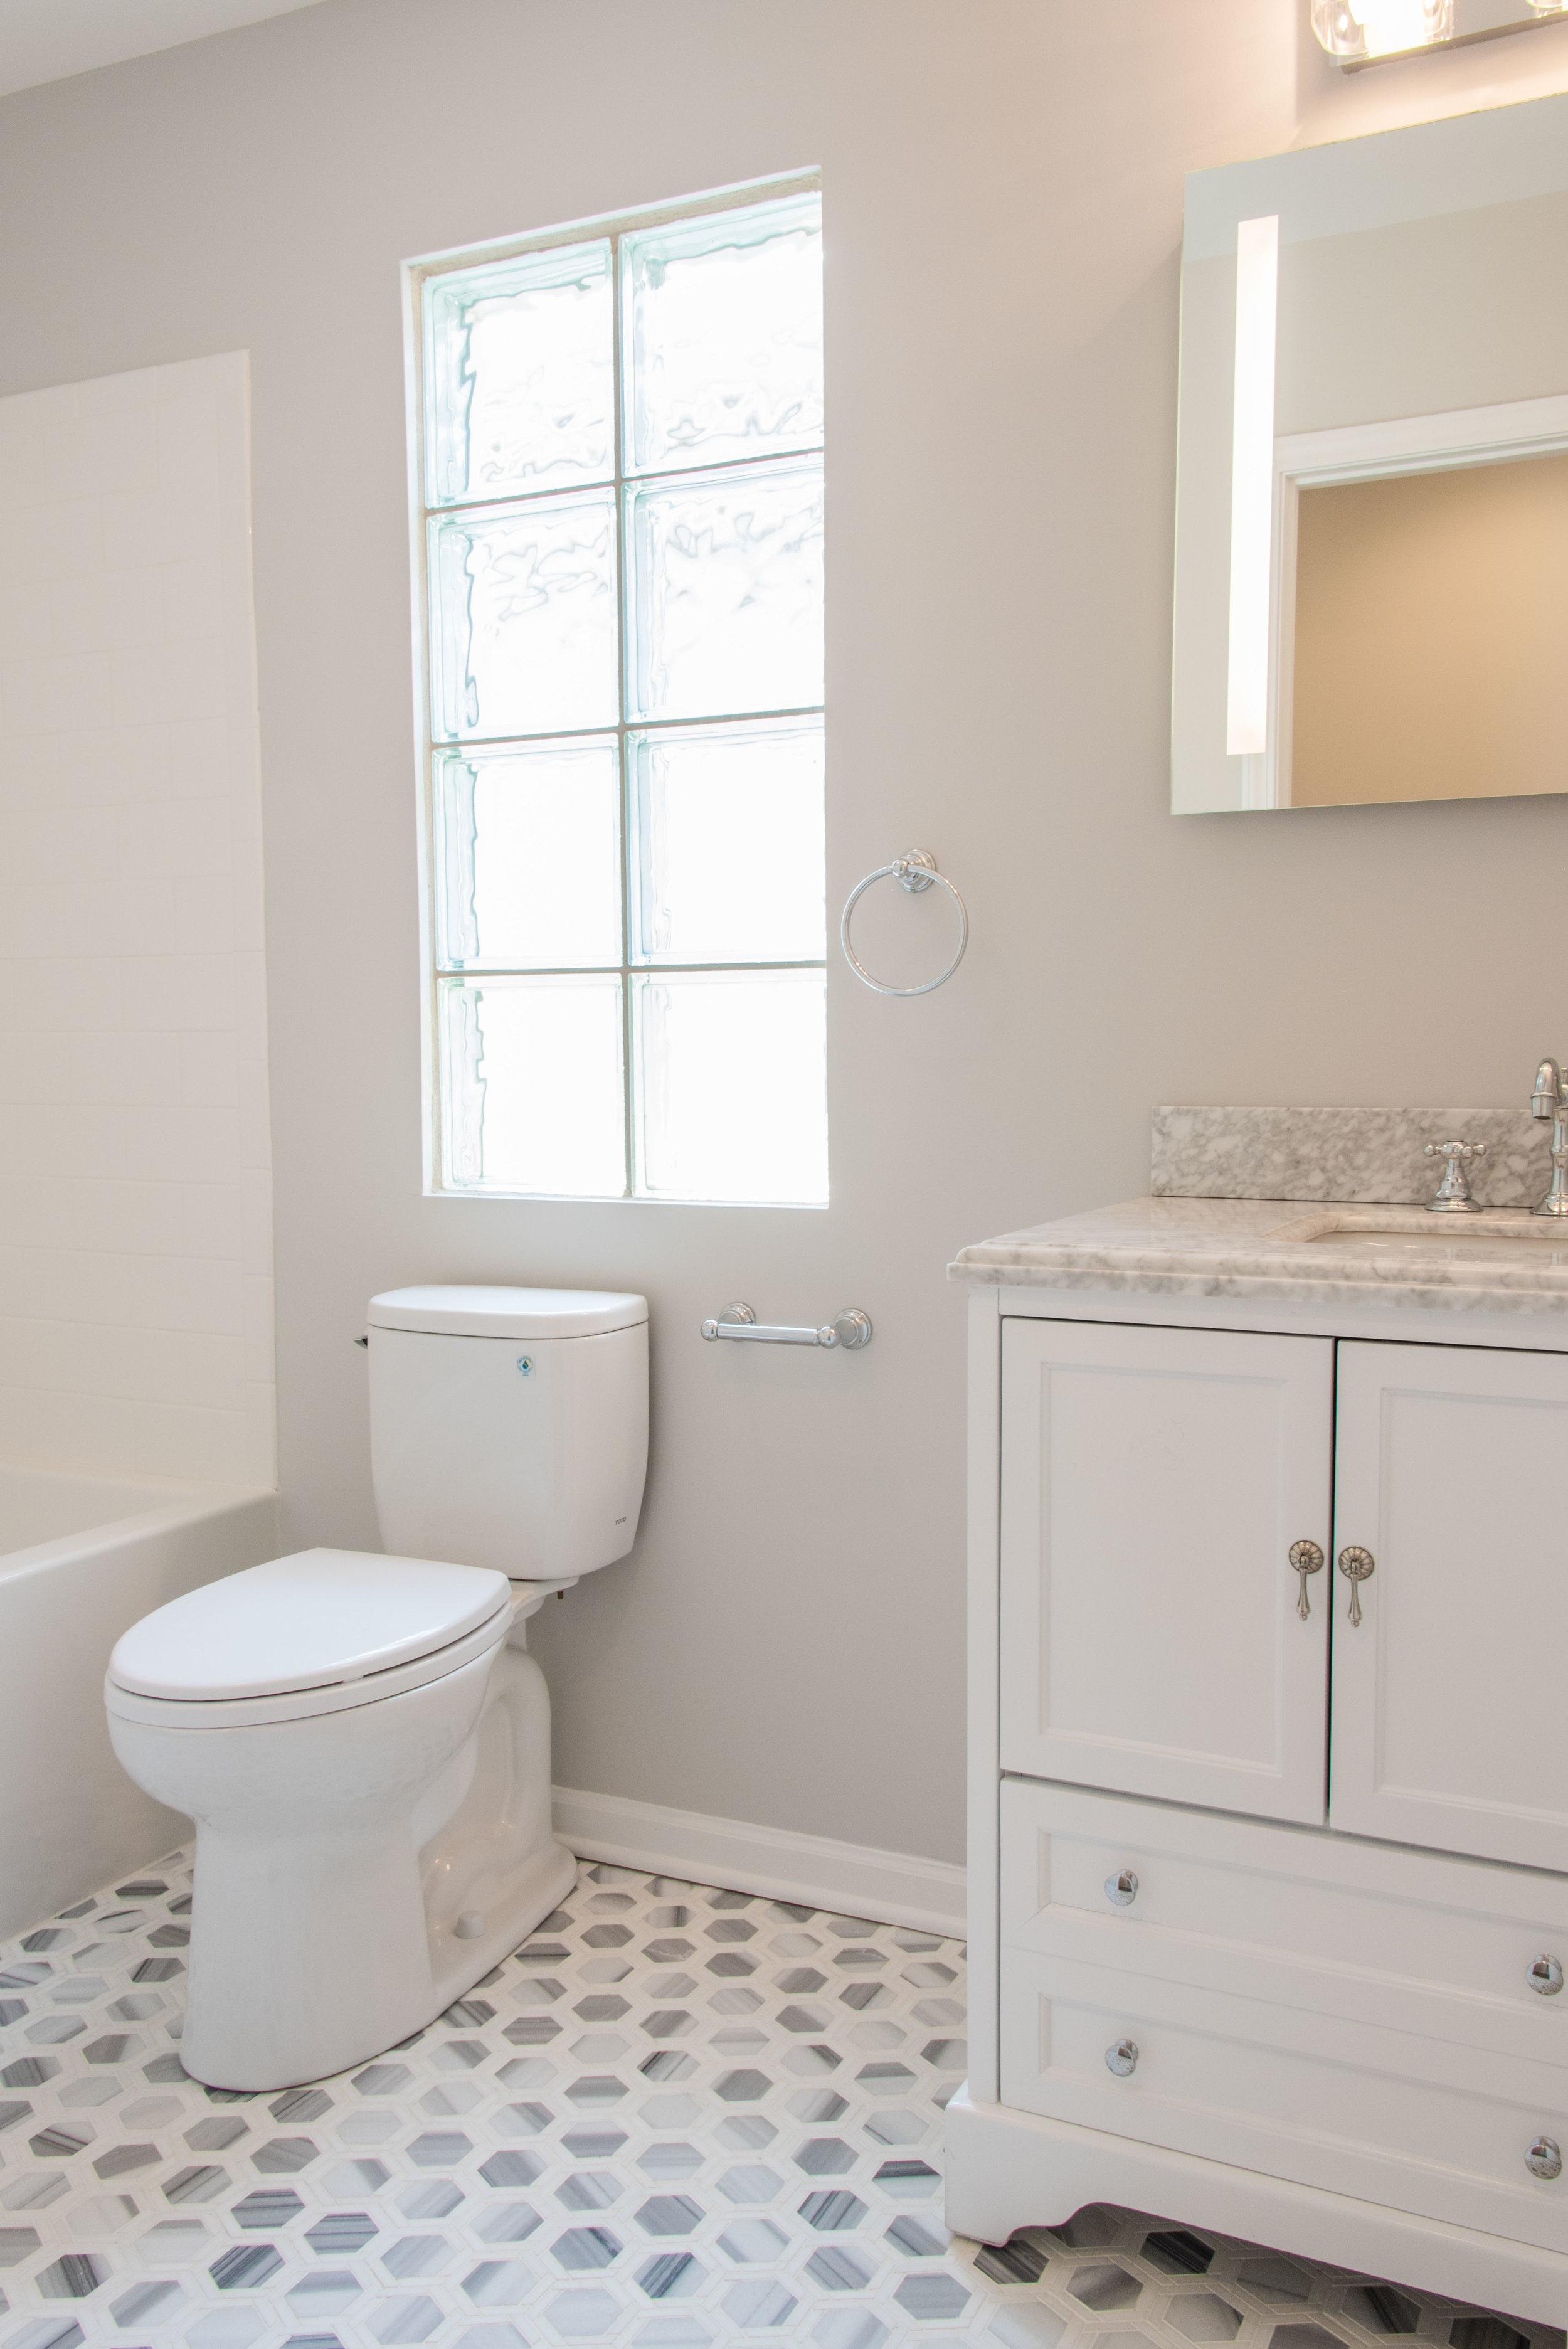 The new hall bathroom.